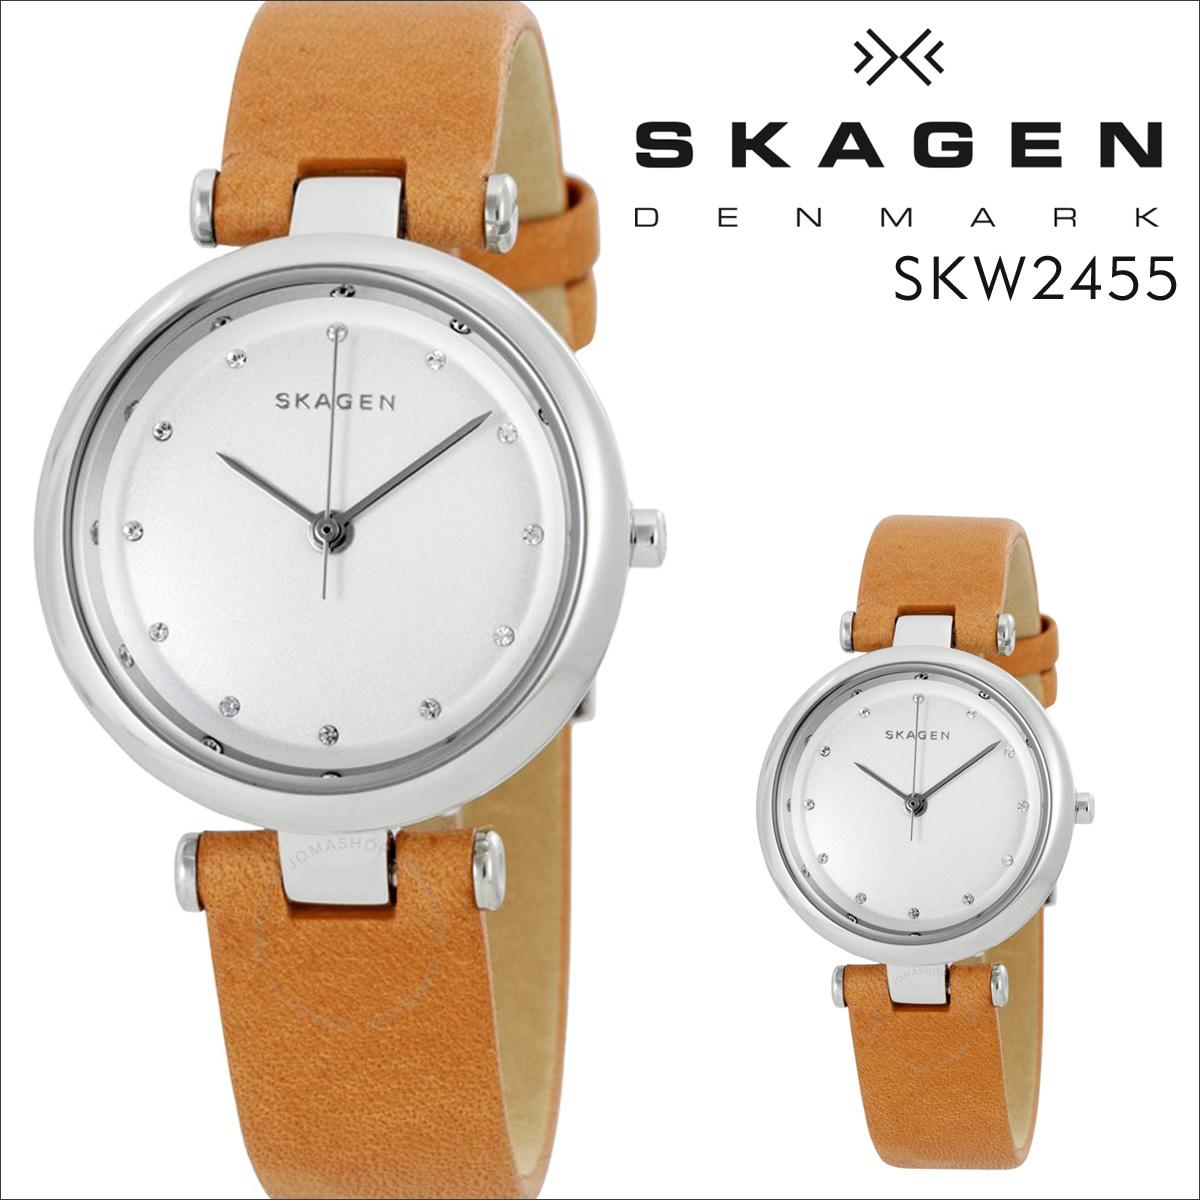 スカーゲン SKAGEN 腕時計 レディース 時計 レザー TANJA ターニャ SKW2455 ブラウン 防水 [ あす楽対象外 ]